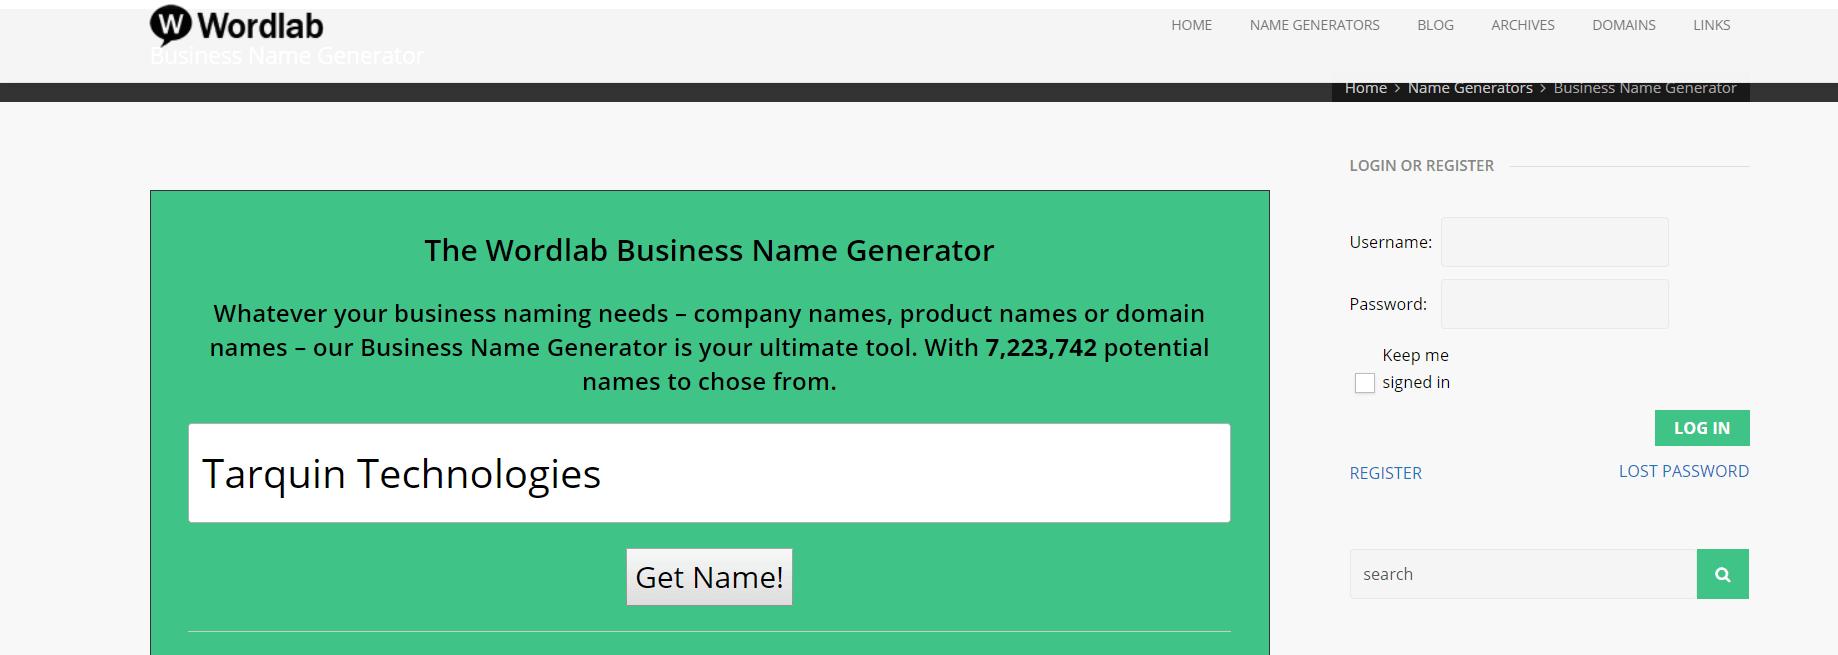 WordLab suggestion